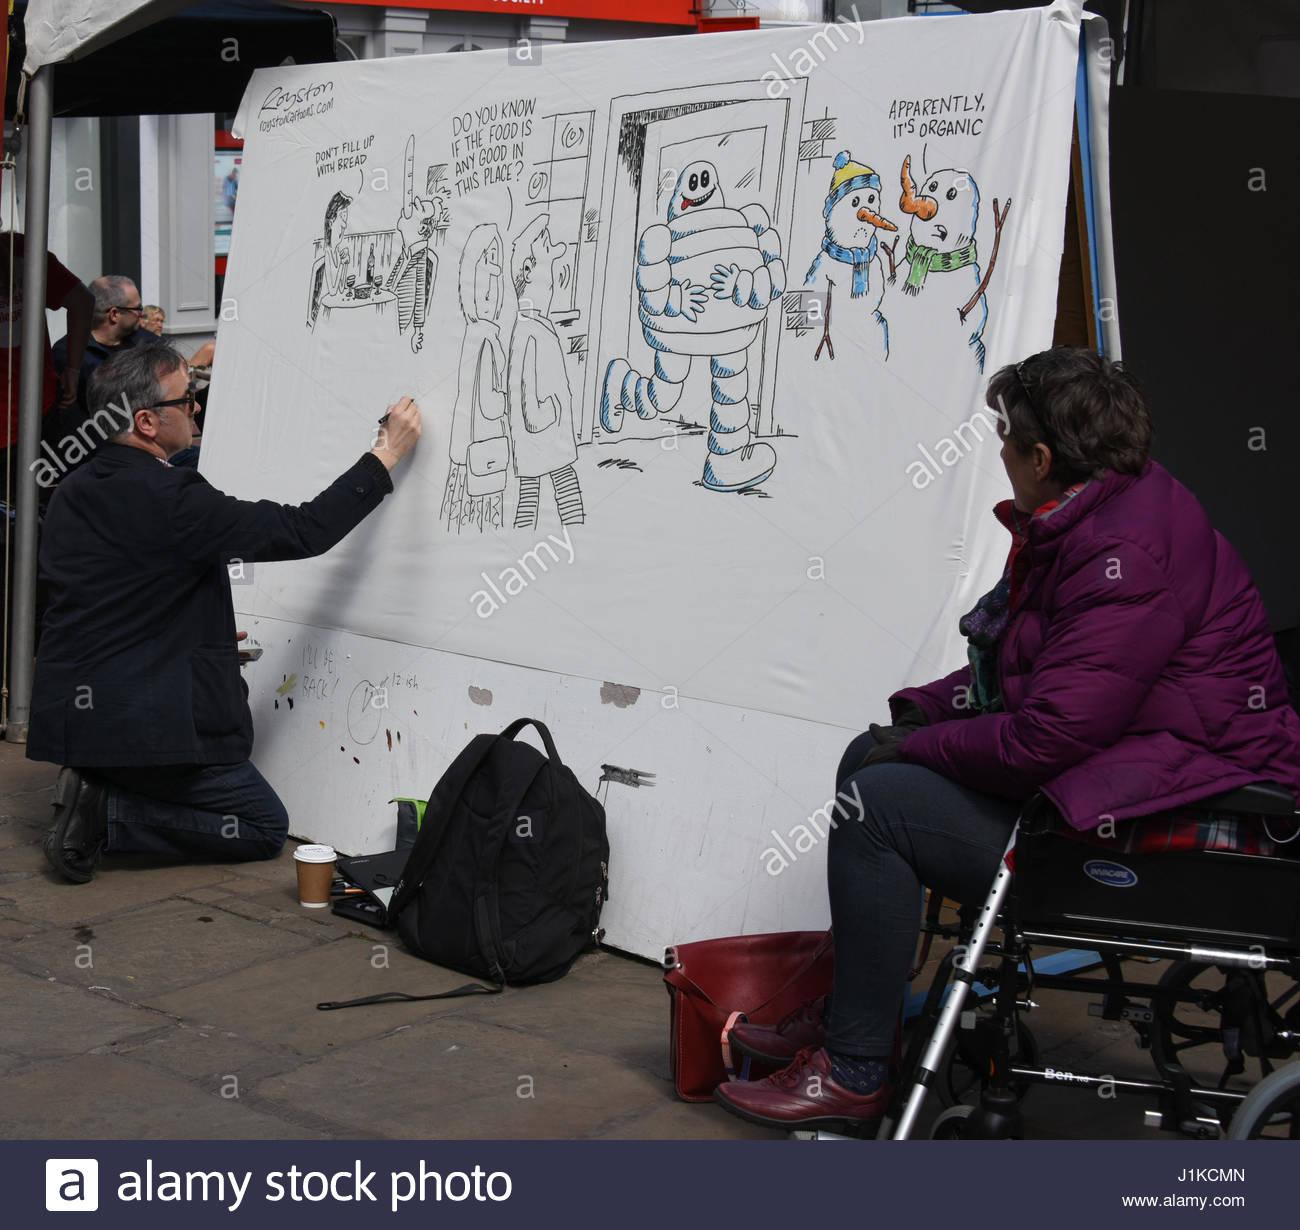 Shrewsbury, Shropshire. 22nd, abril de 2017. Los visitantes de la plaza histórica de Shrewsbury fueron tratados Imagen De Stock